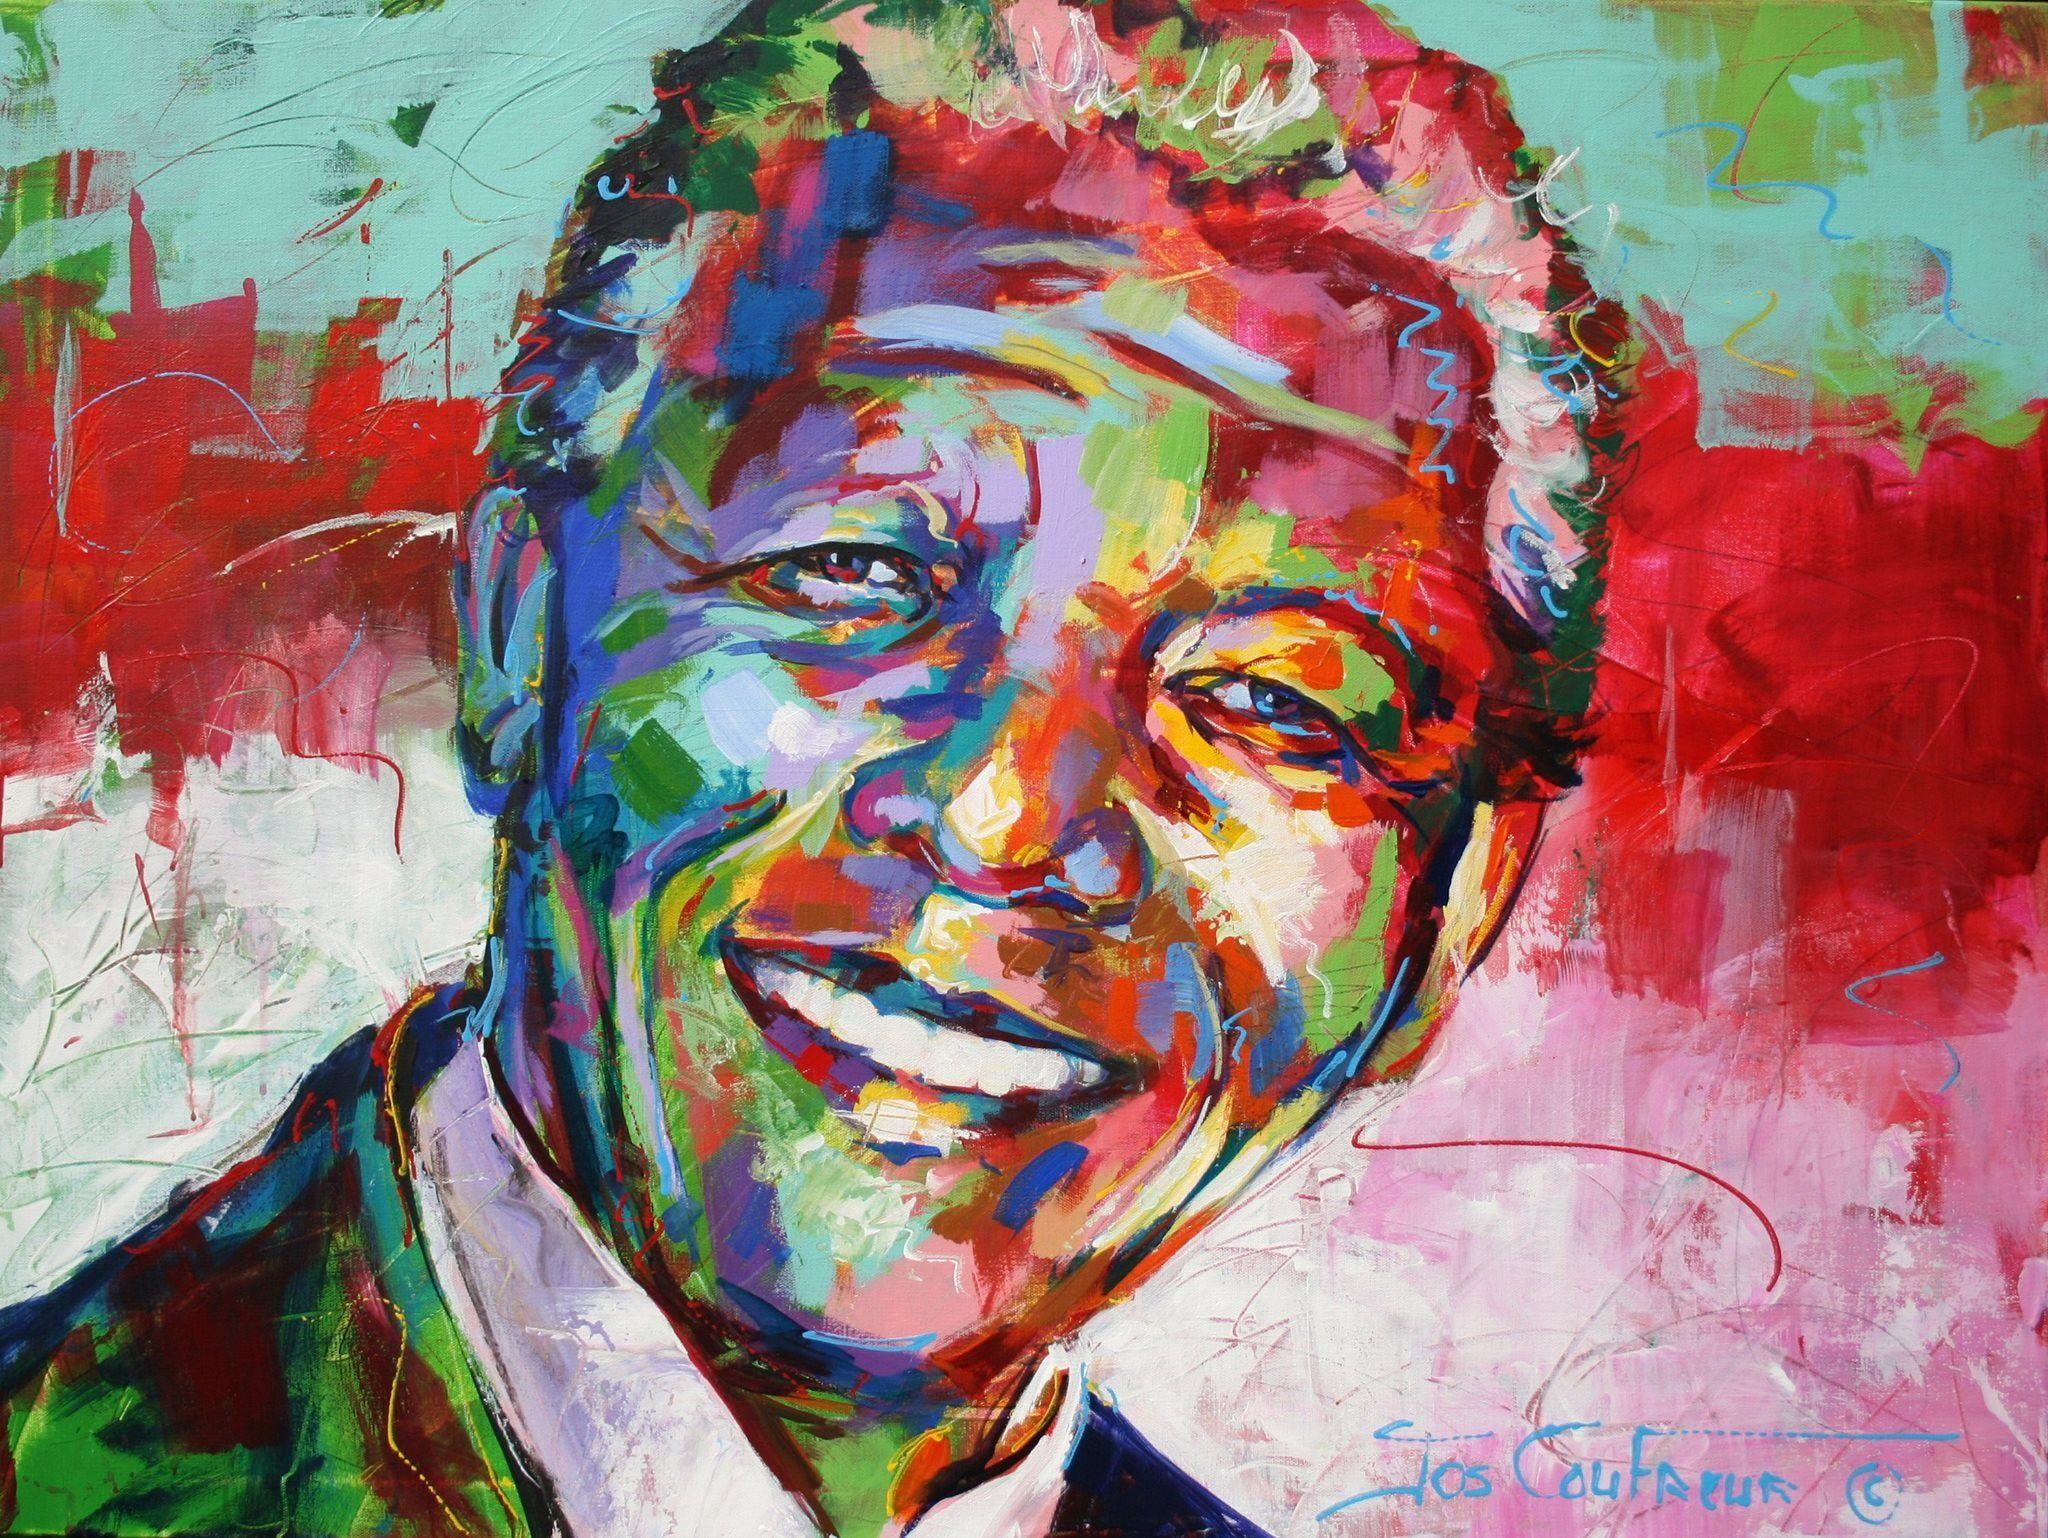 Jos Coufreur Nelson Mandela Portraits Fauvisme Et